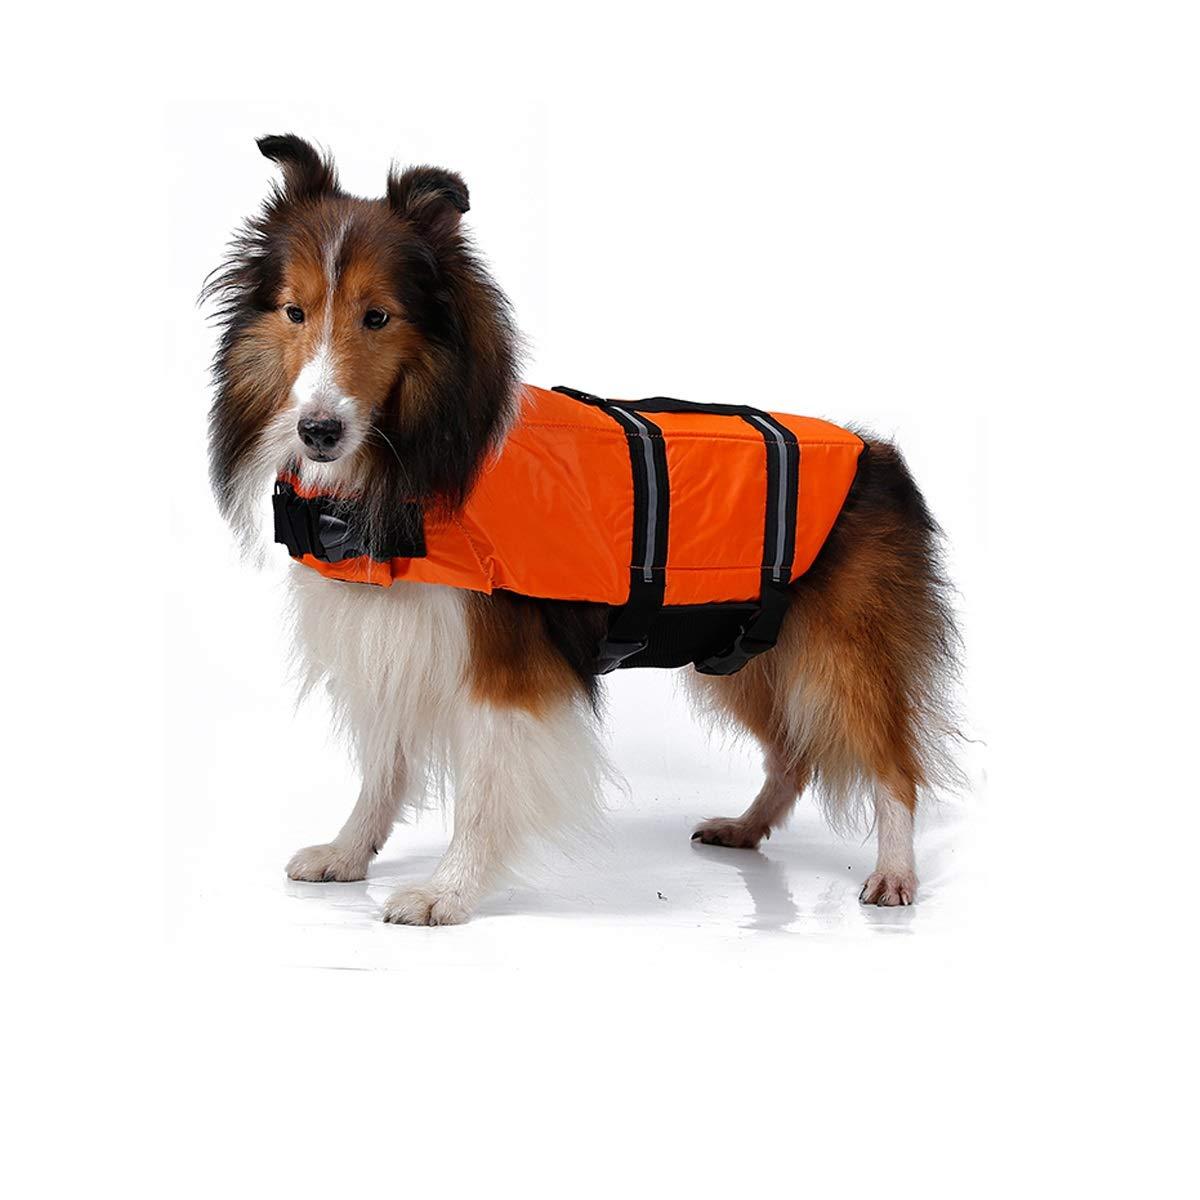 orange M orange M Qingbaotong Pet Life Jackets Dog Swimming Clothes golden Retriever Big Dog Summer Swimming Life Jacket Vest Medium Large Dog Life Jacket You Deserve to Have (color   orange, Size   M)